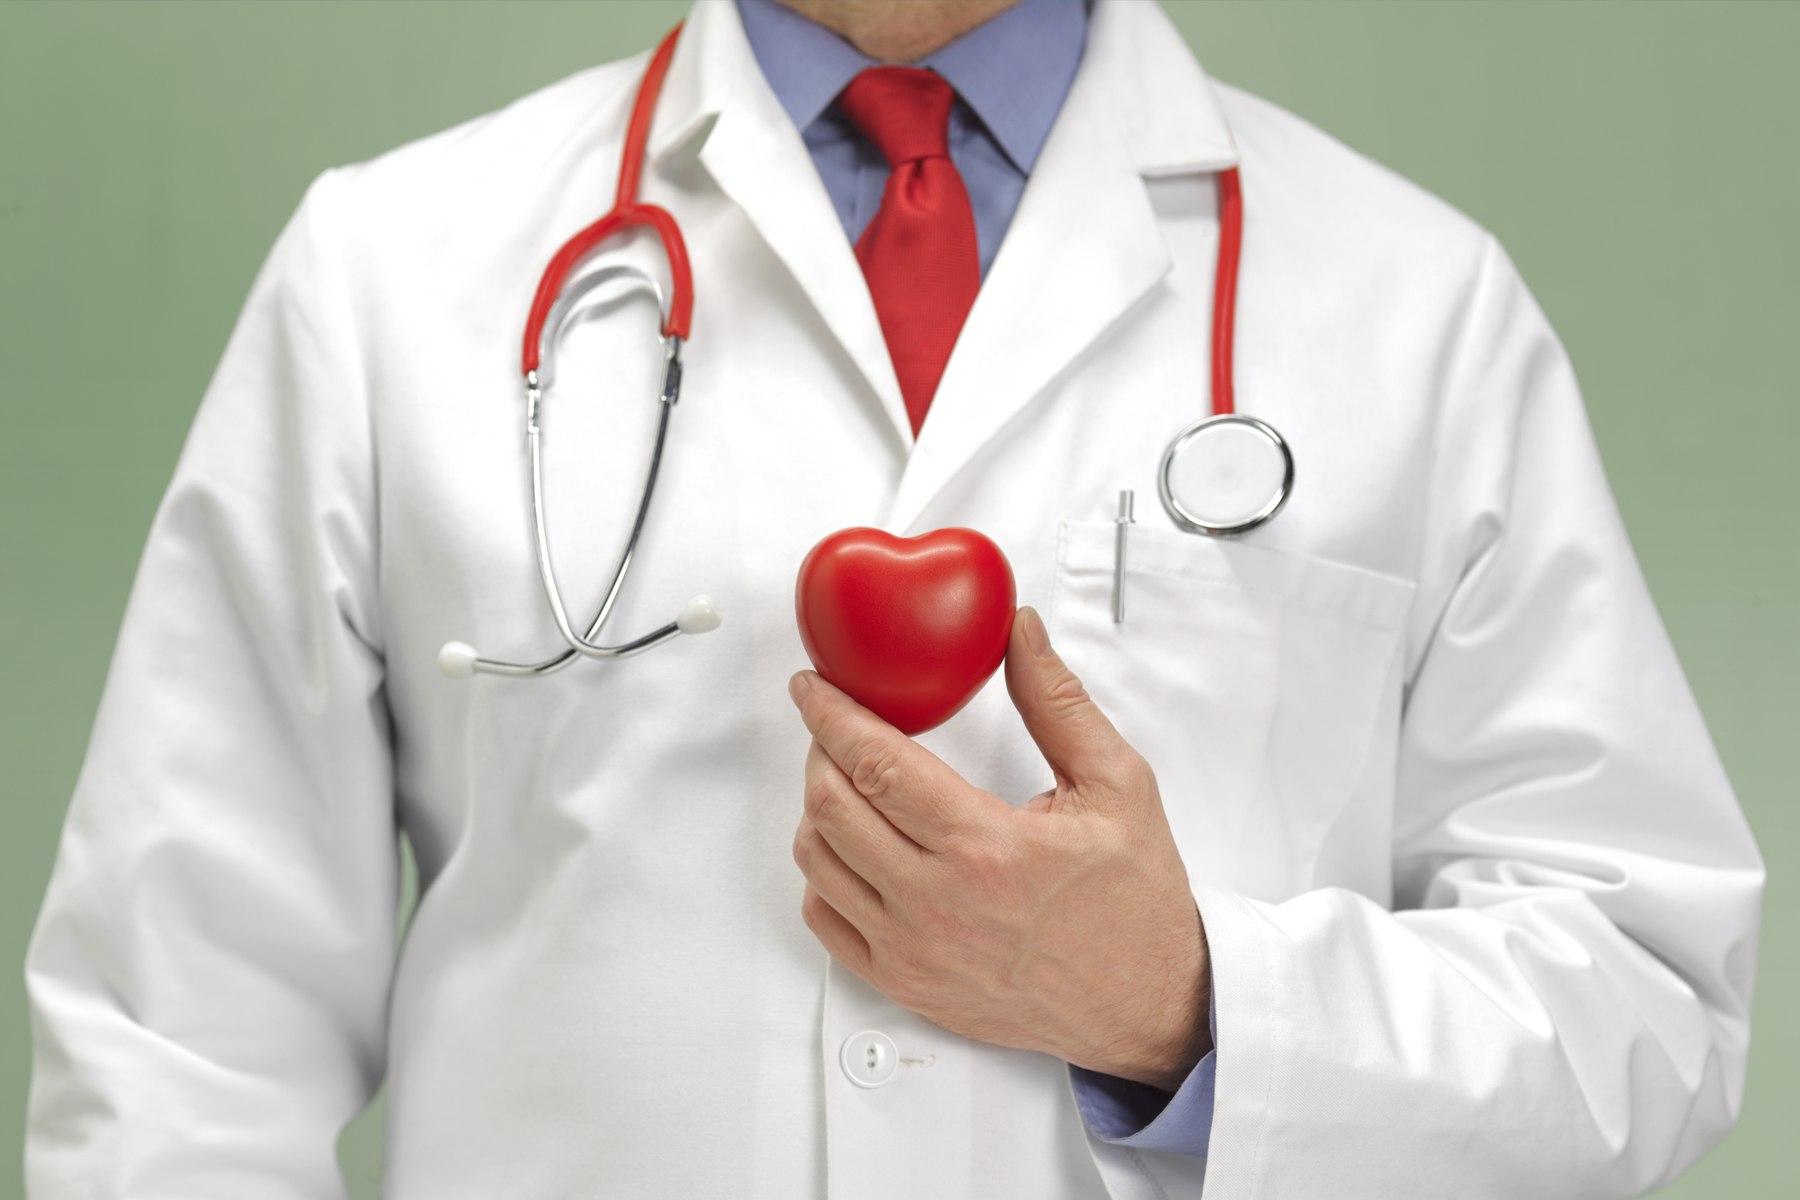 Симптомы, при которых тебе стоит обратиться к кардиологу